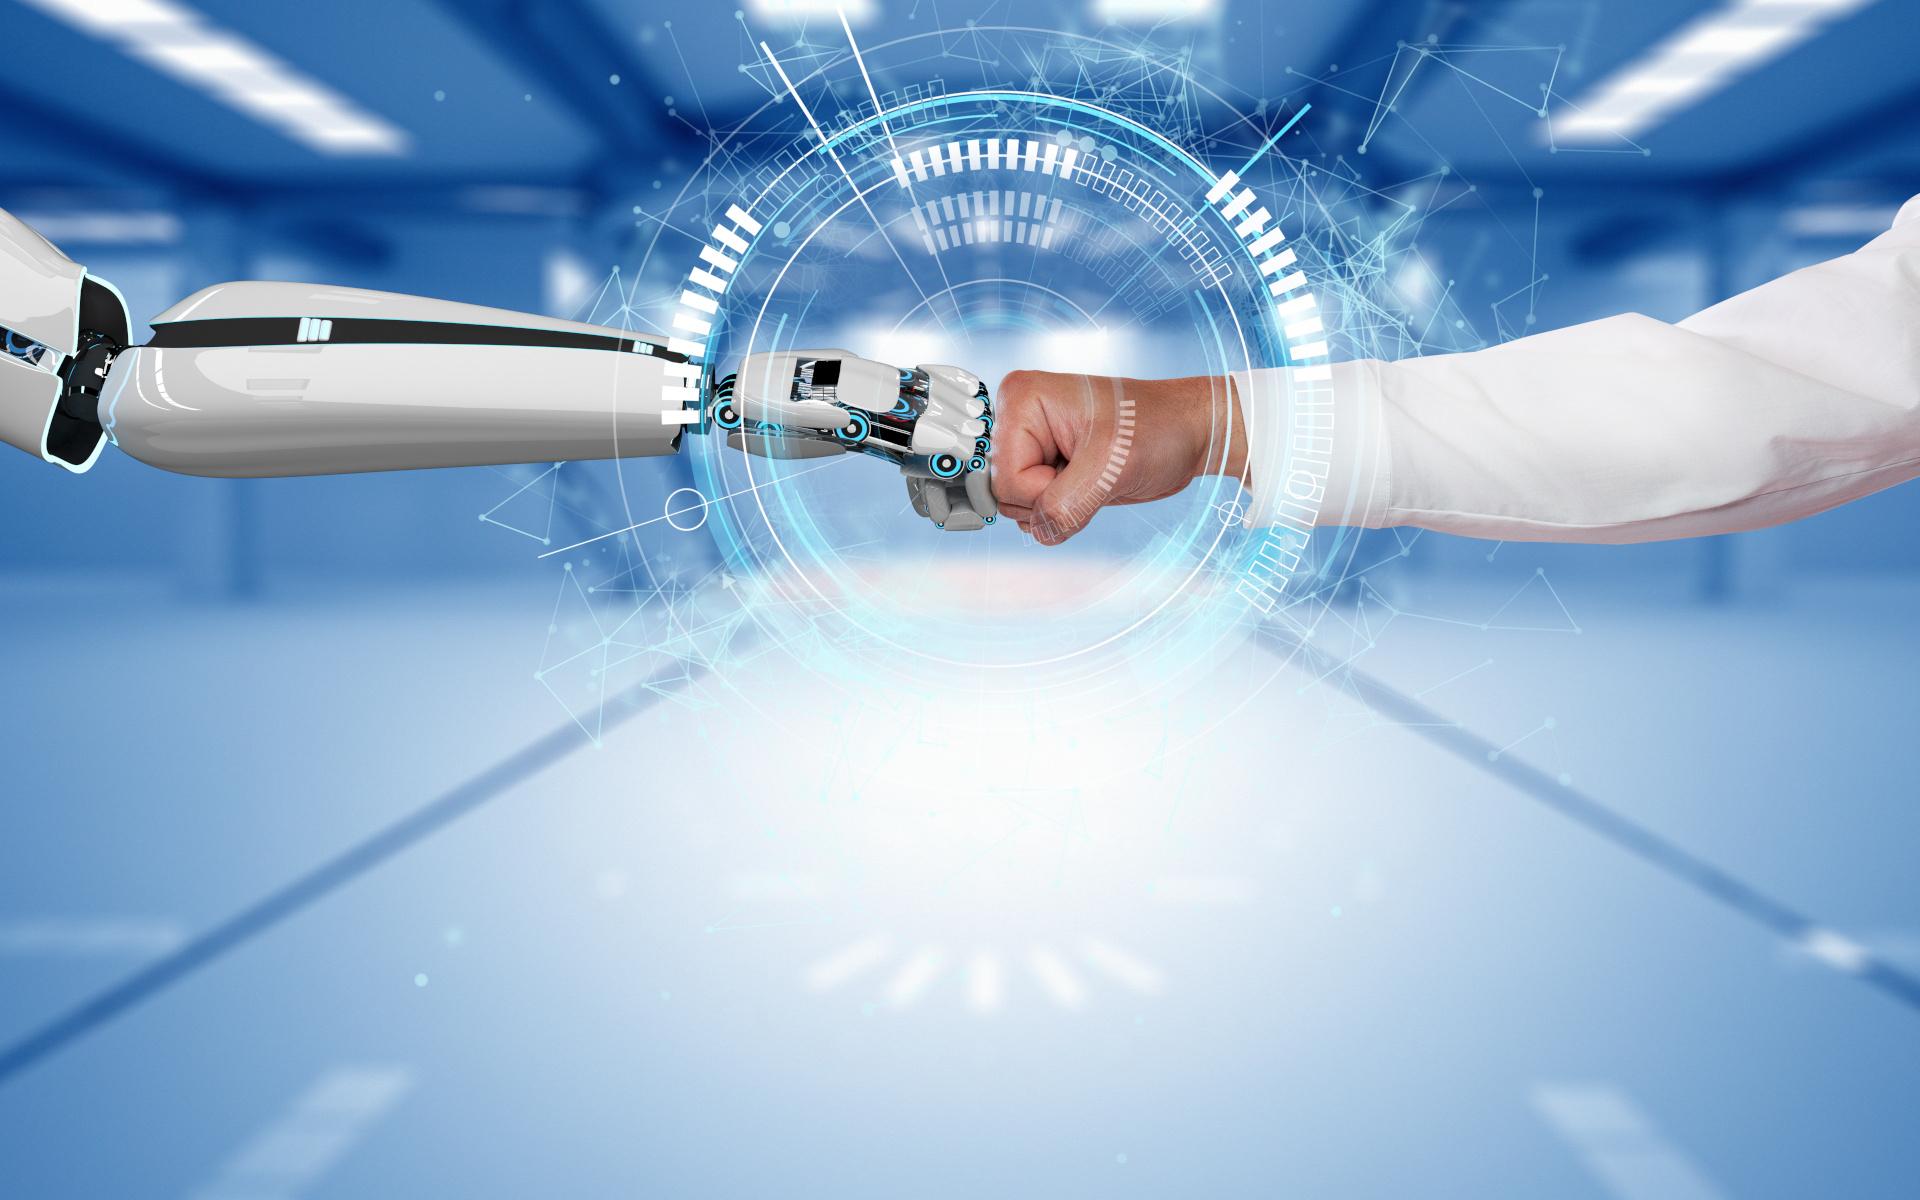 robot współpracujący z człowiekiem